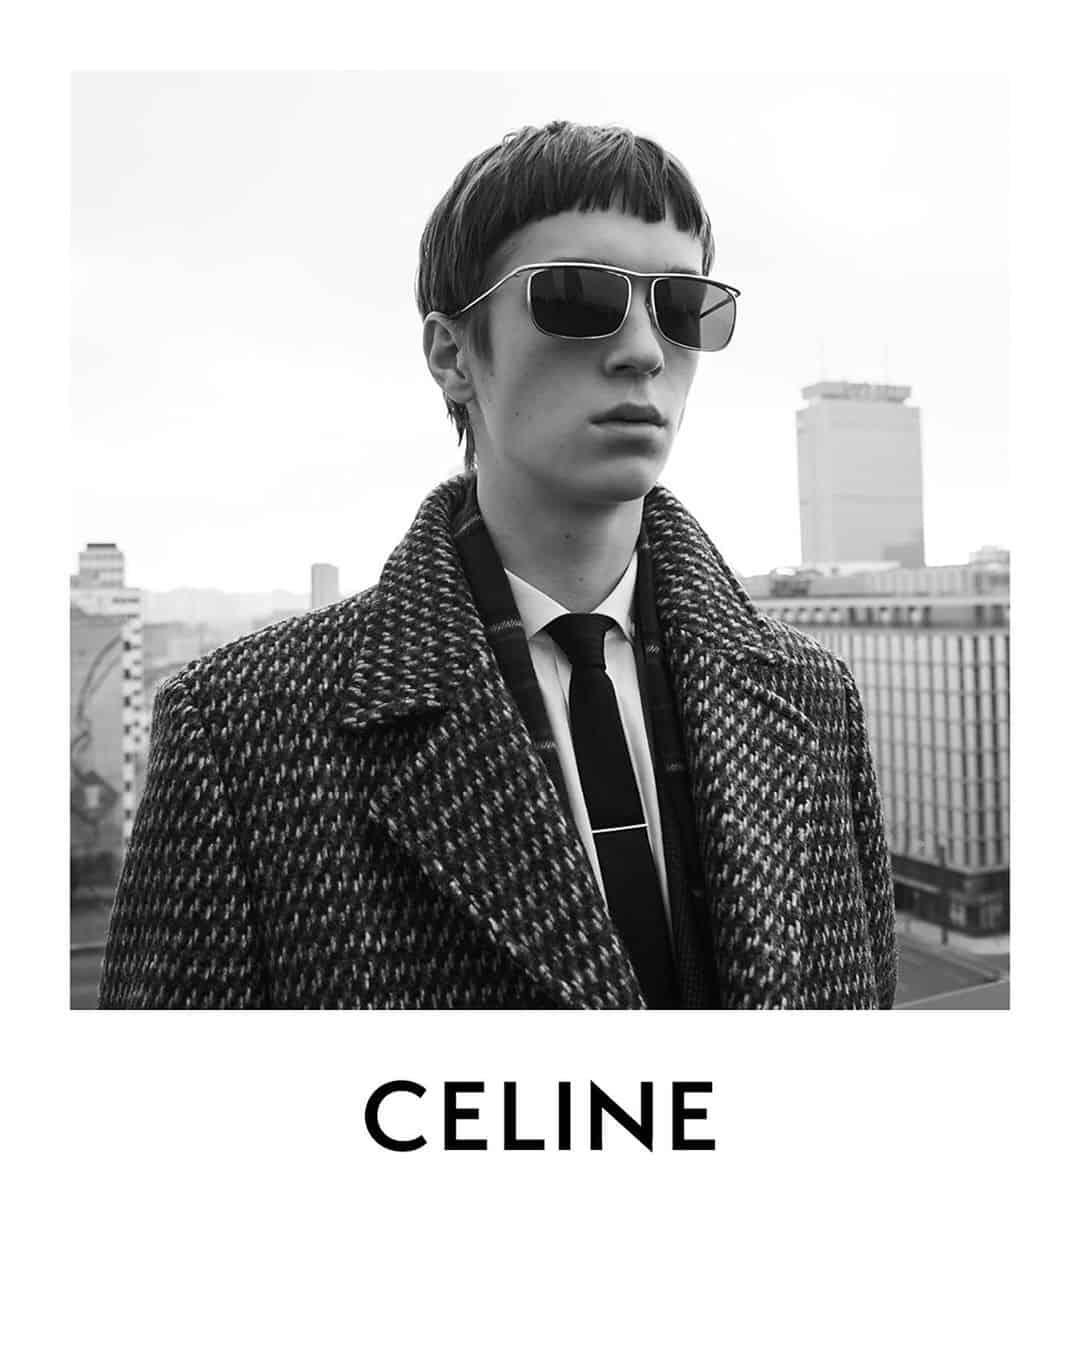 The CELINE